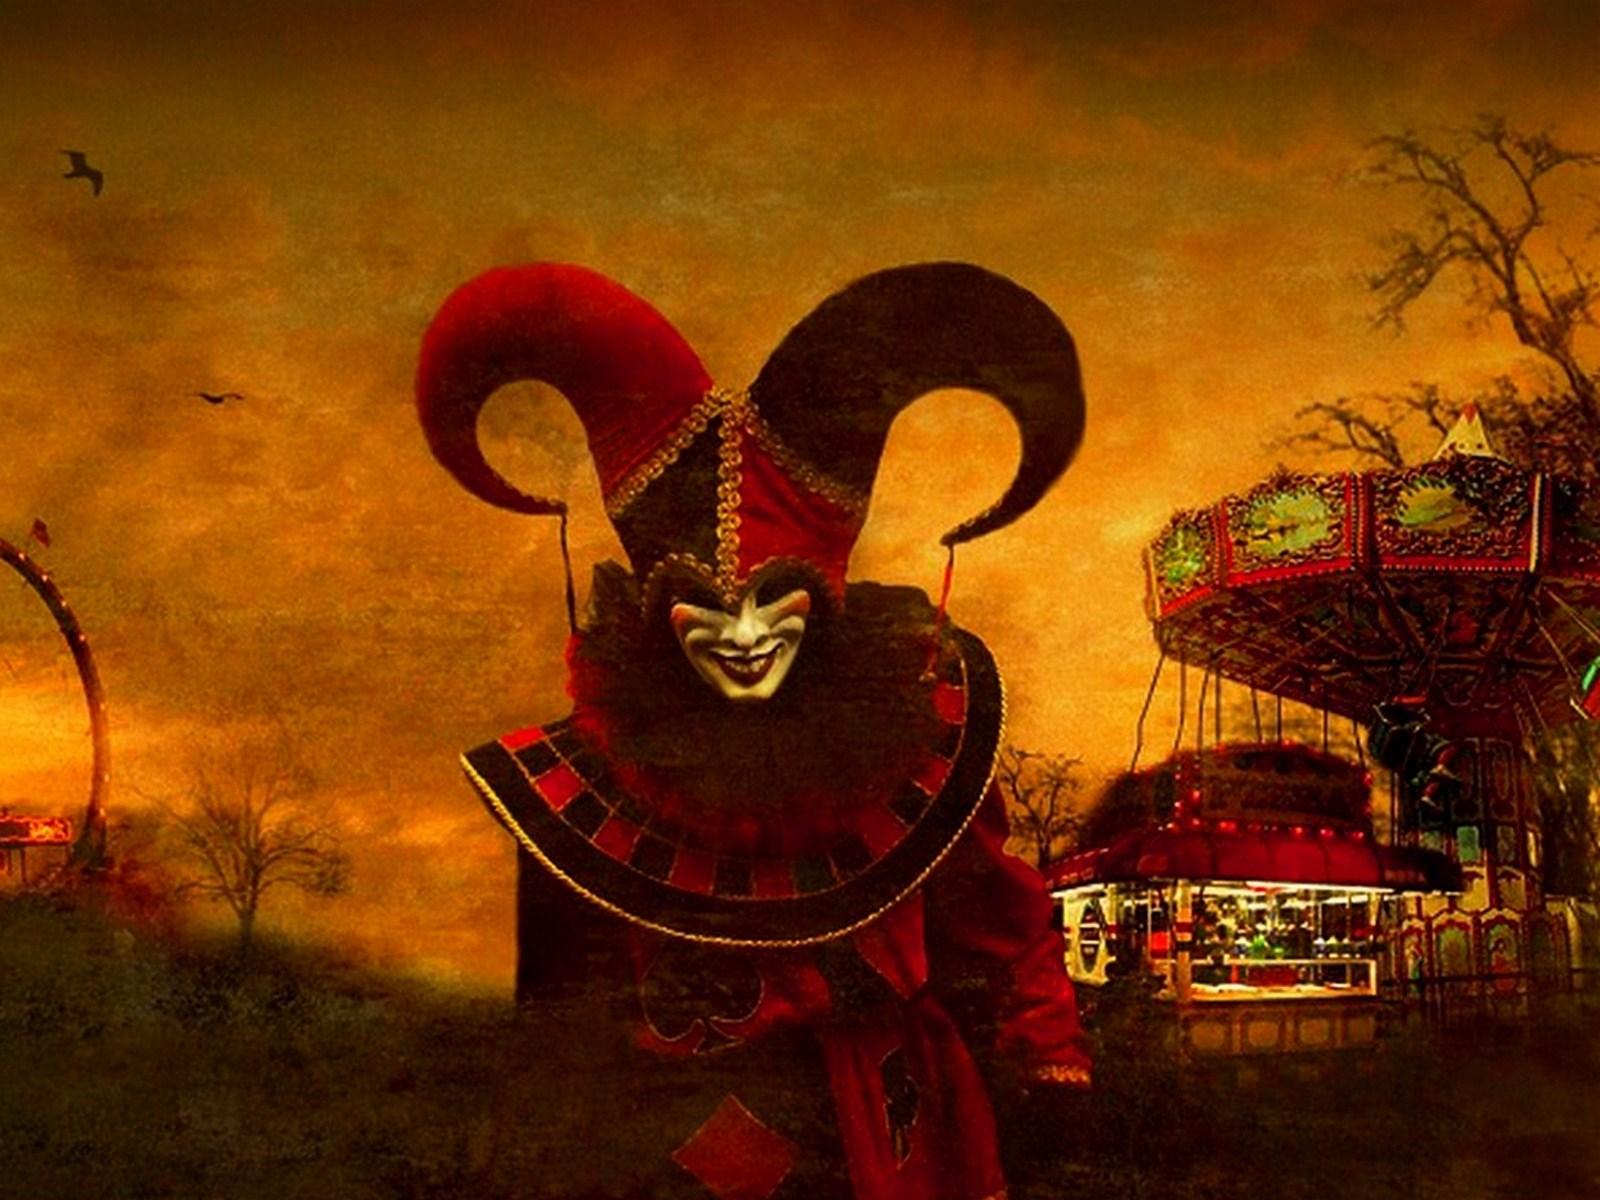 Mashababko clown wallpapers free - Circus joker wallpaper ...